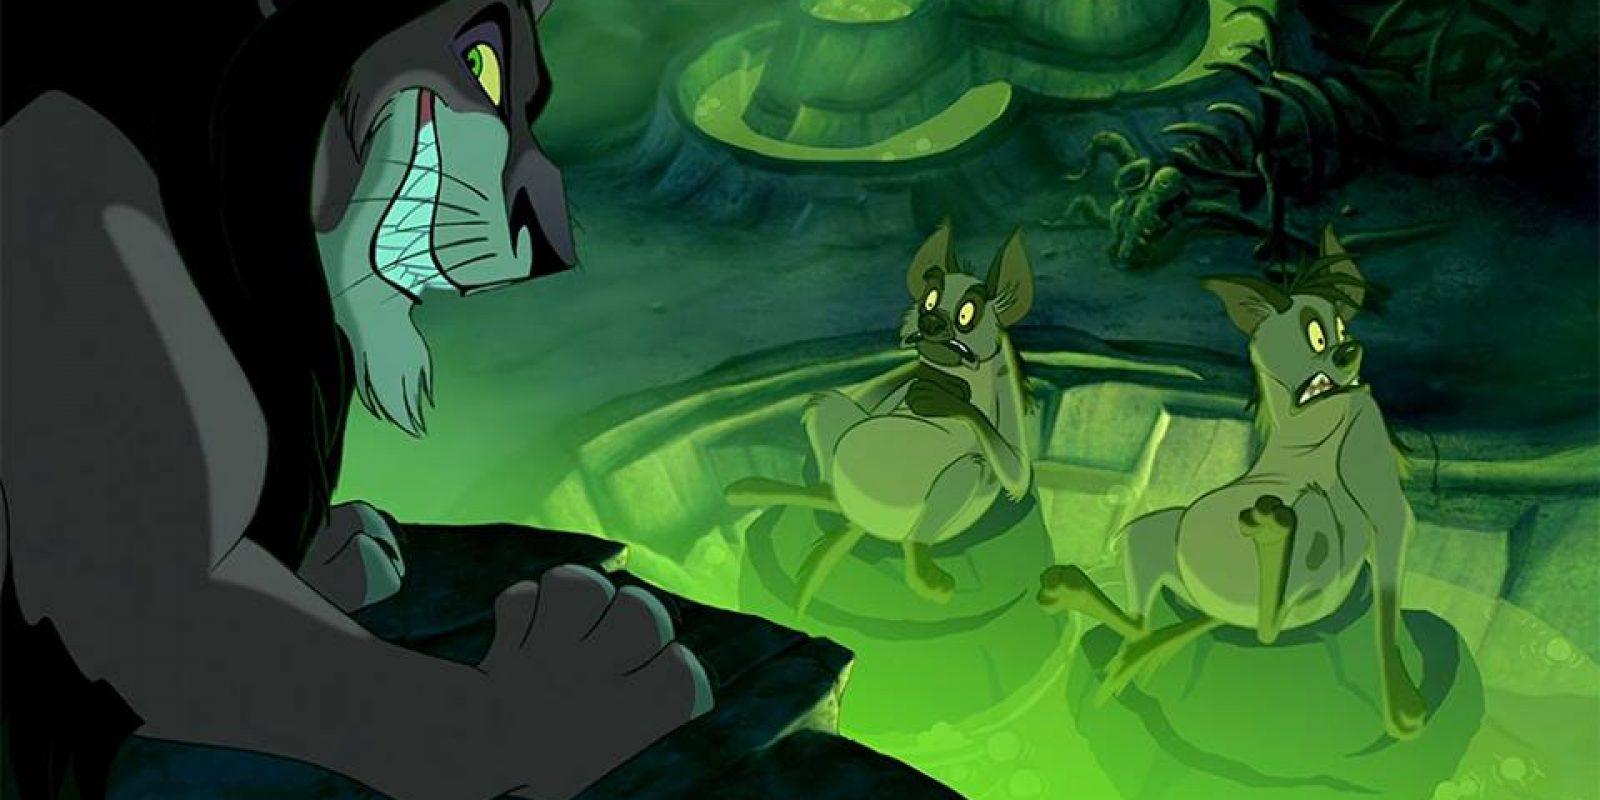 . Imagen Por: facebook.com/DisneyTheLionKing